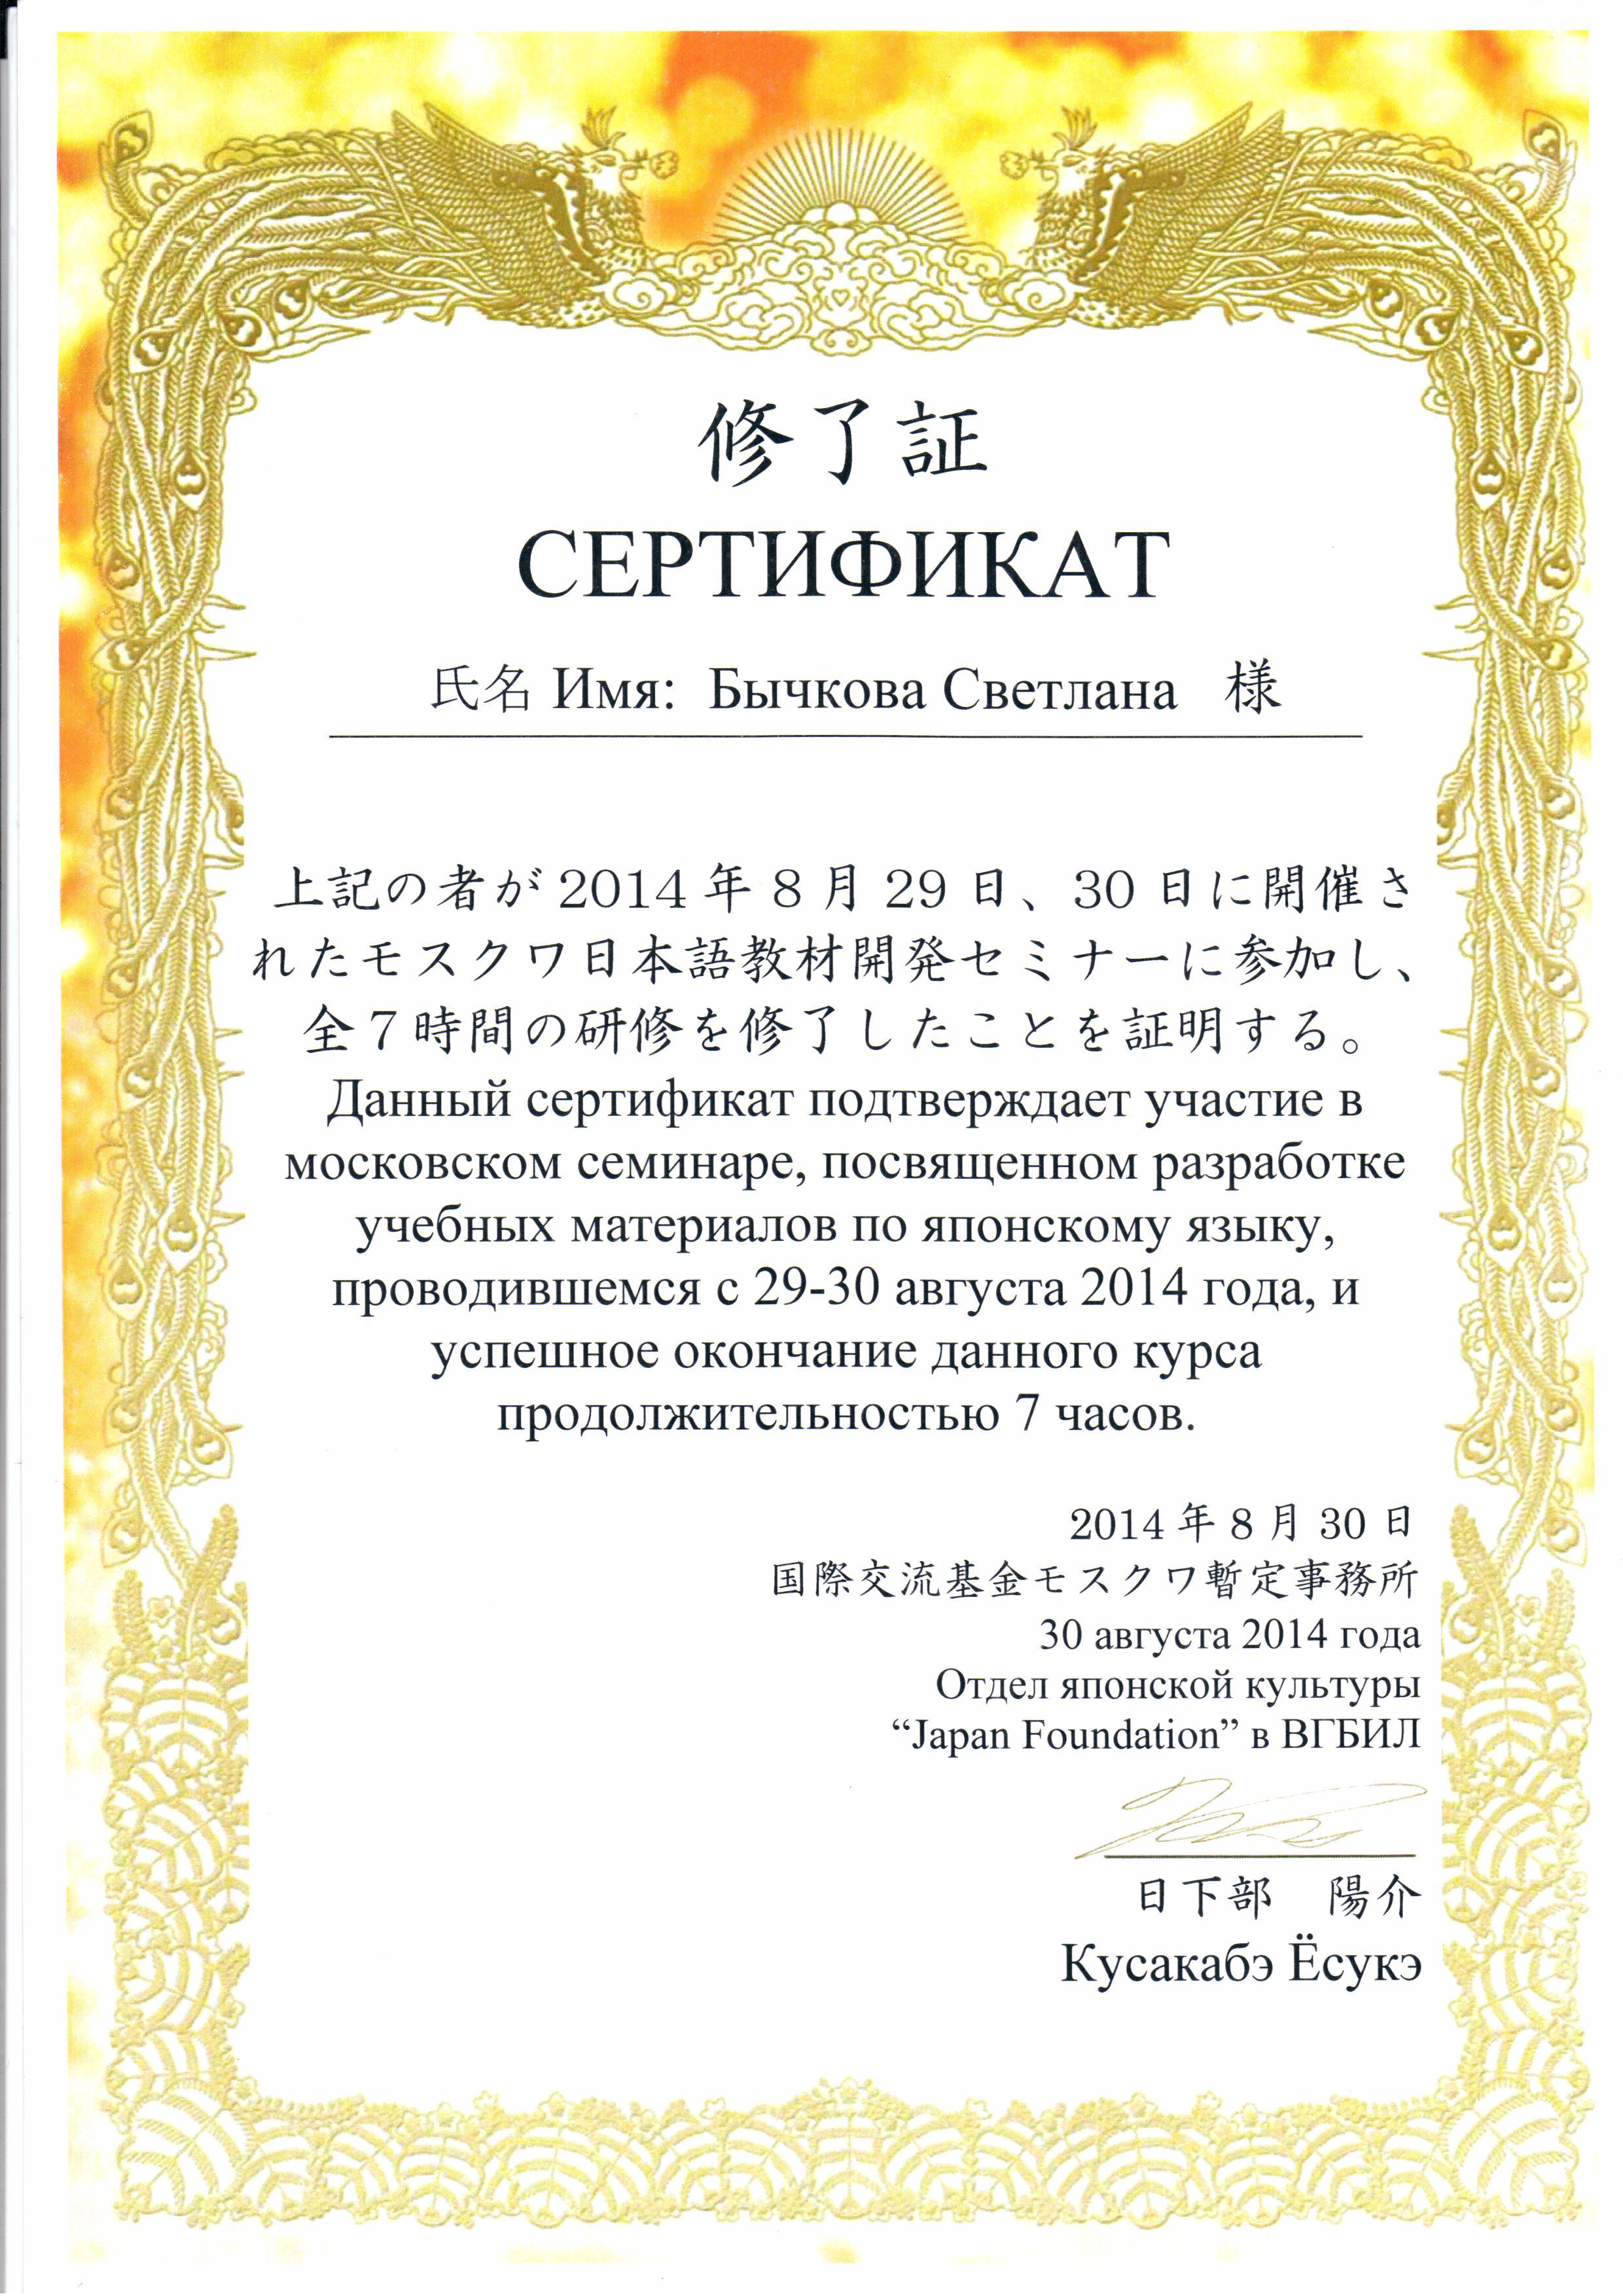 Сертификат Японского Фонда о создании учебных материалов